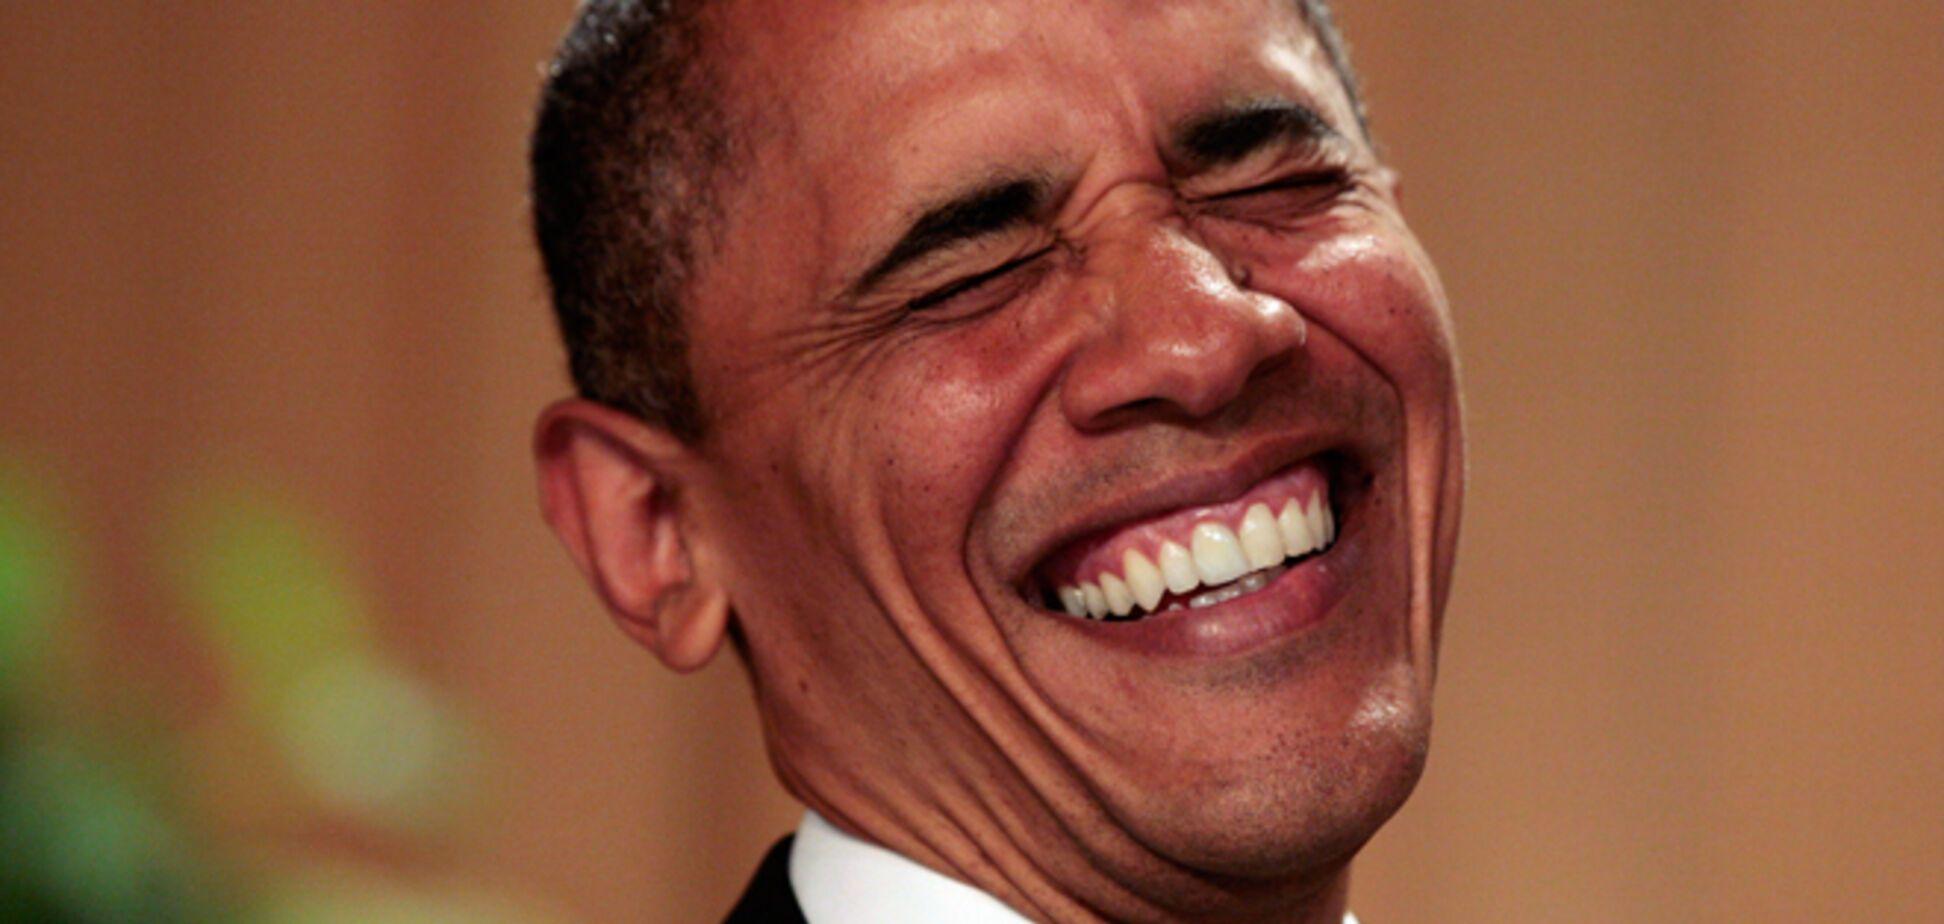 Чиновница второго ранга из МИД РФ отчитала Обаму за 'политическую неудовлетворенность'